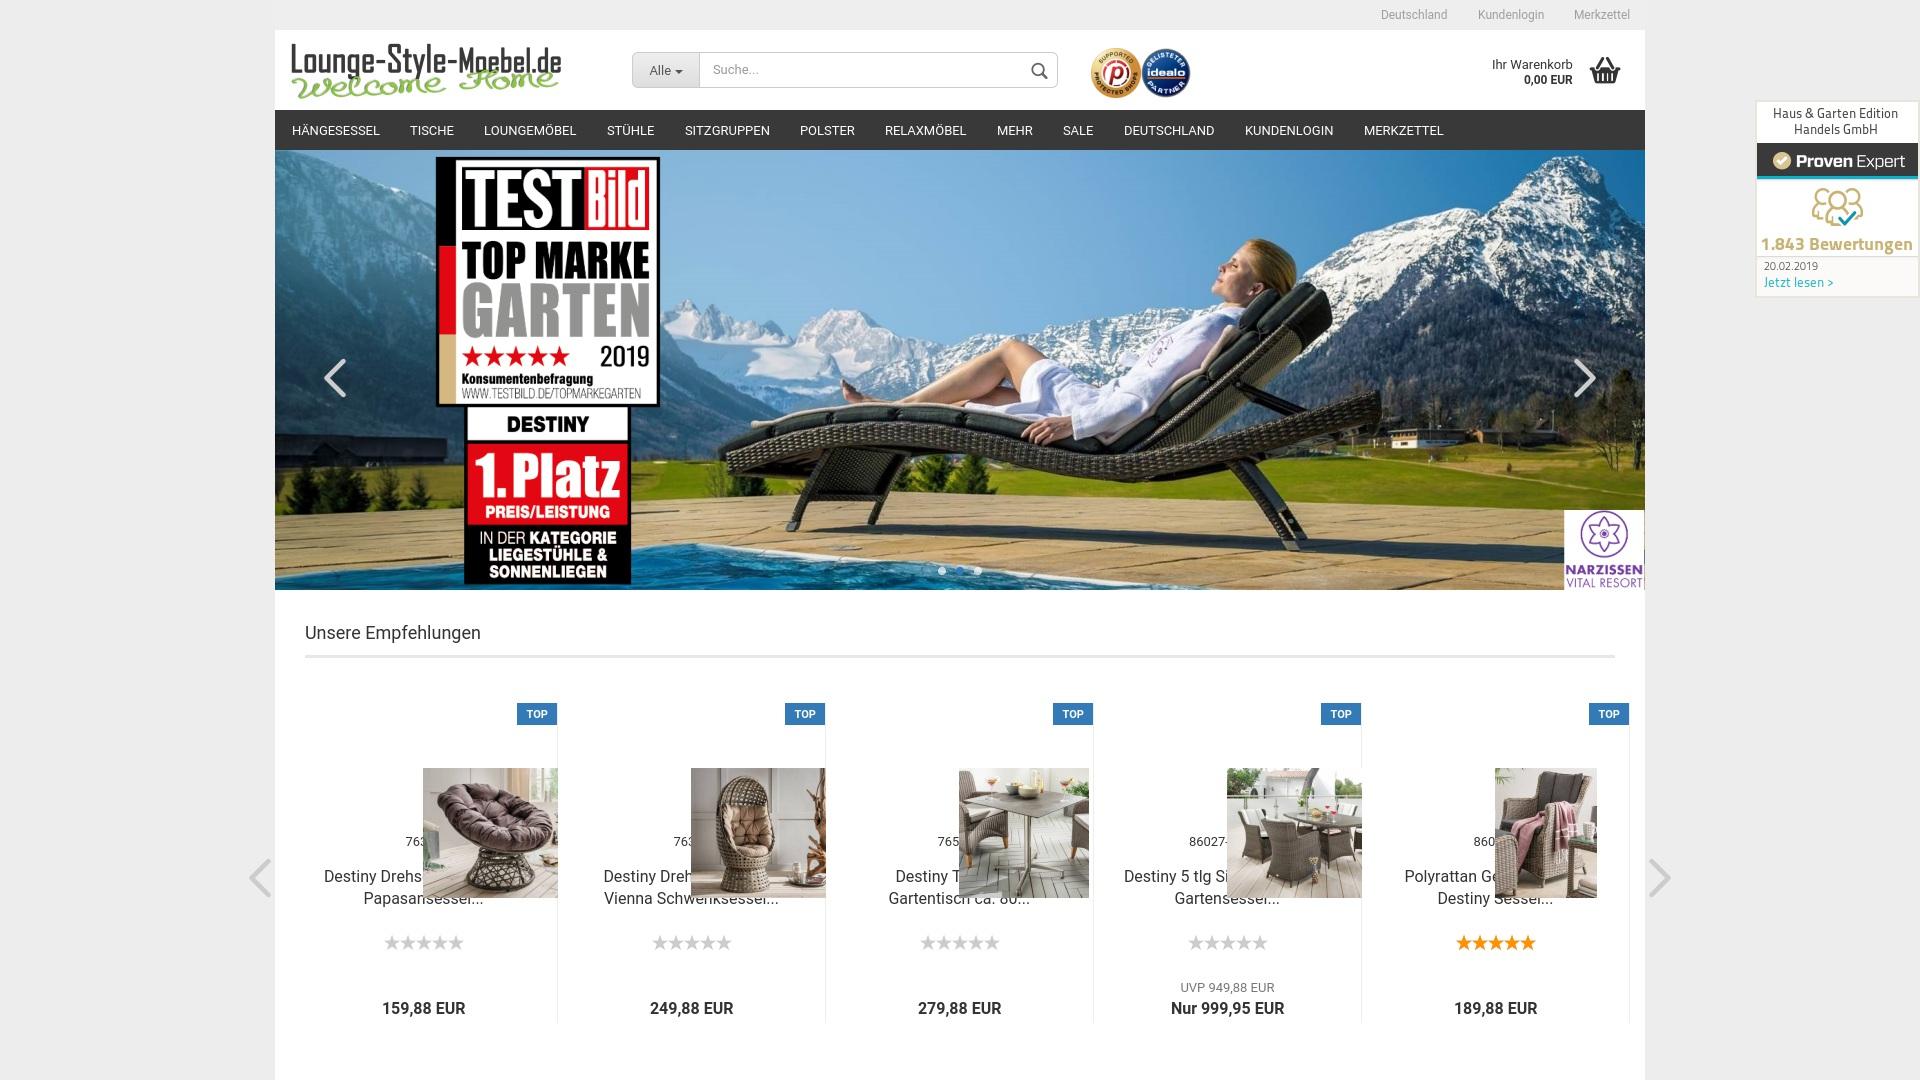 Gutschein für Lounge-style-moebel: Rabatte für  Lounge-style-moebel sichern